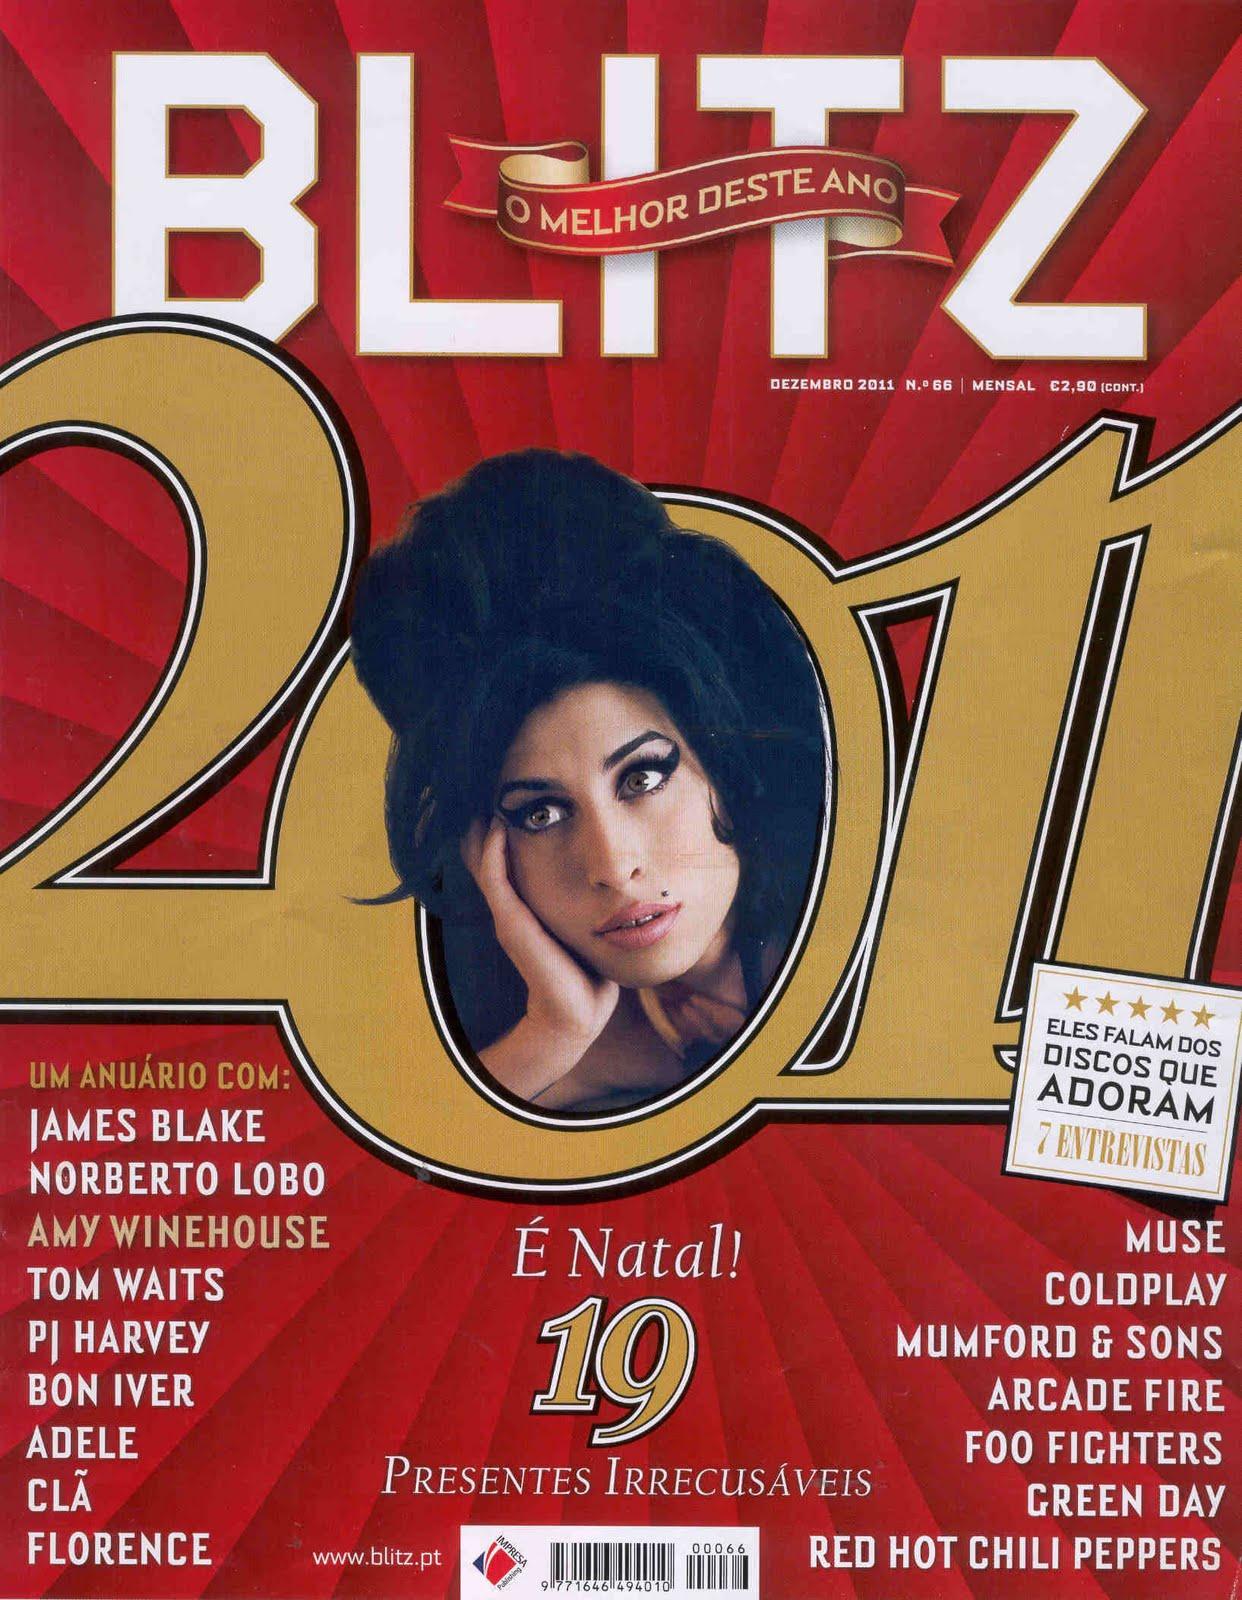 discos - Os melhores discos de 2011 Blitz2011